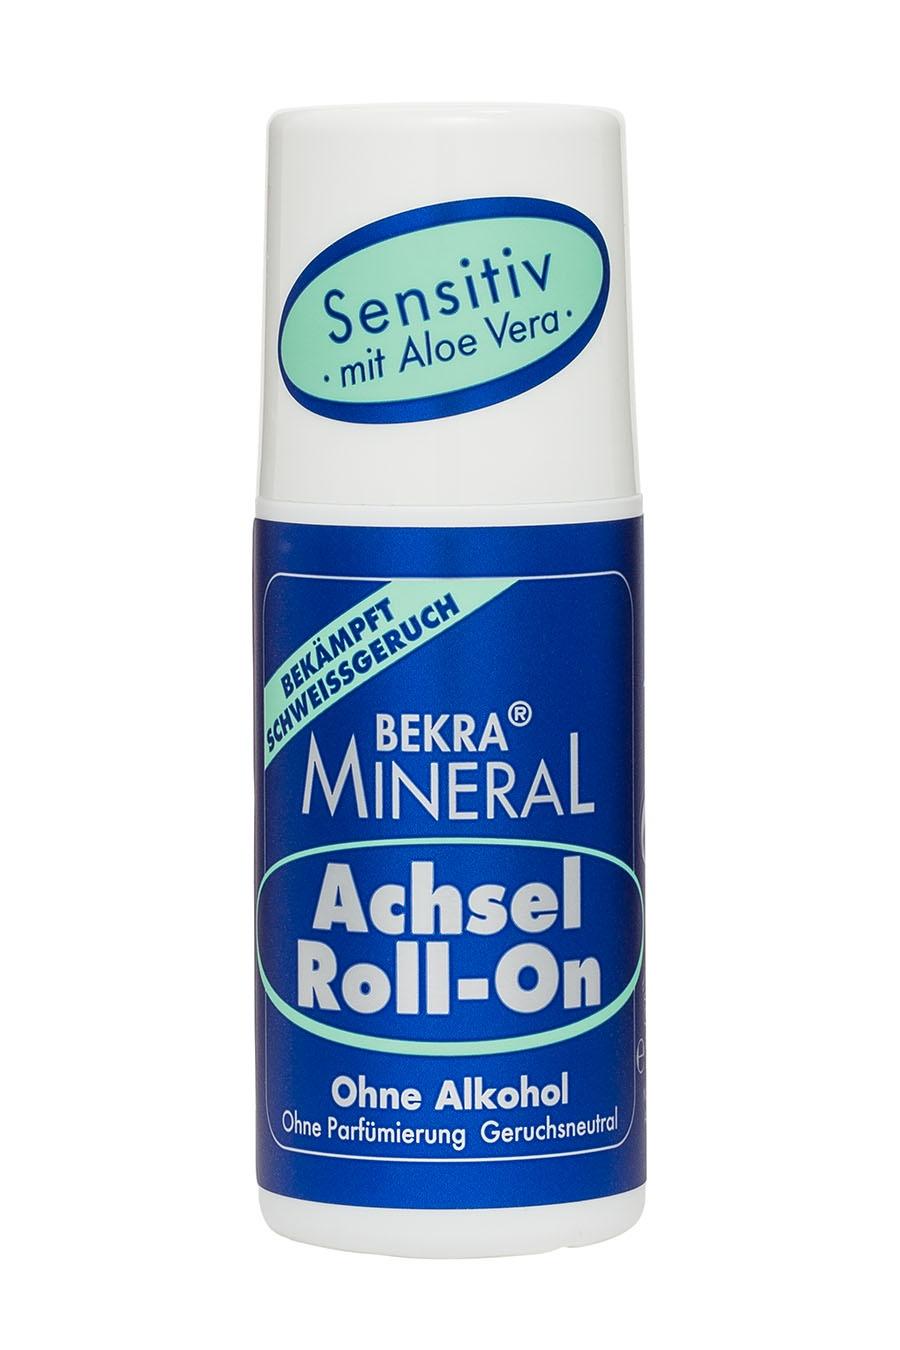 Минеральный шариковый дезодорант Bekra Mineral Achsel Roll-On Sensitiv дезодорант спрей для ног bekra mineral fuss geruch stop минеральный 150 мл